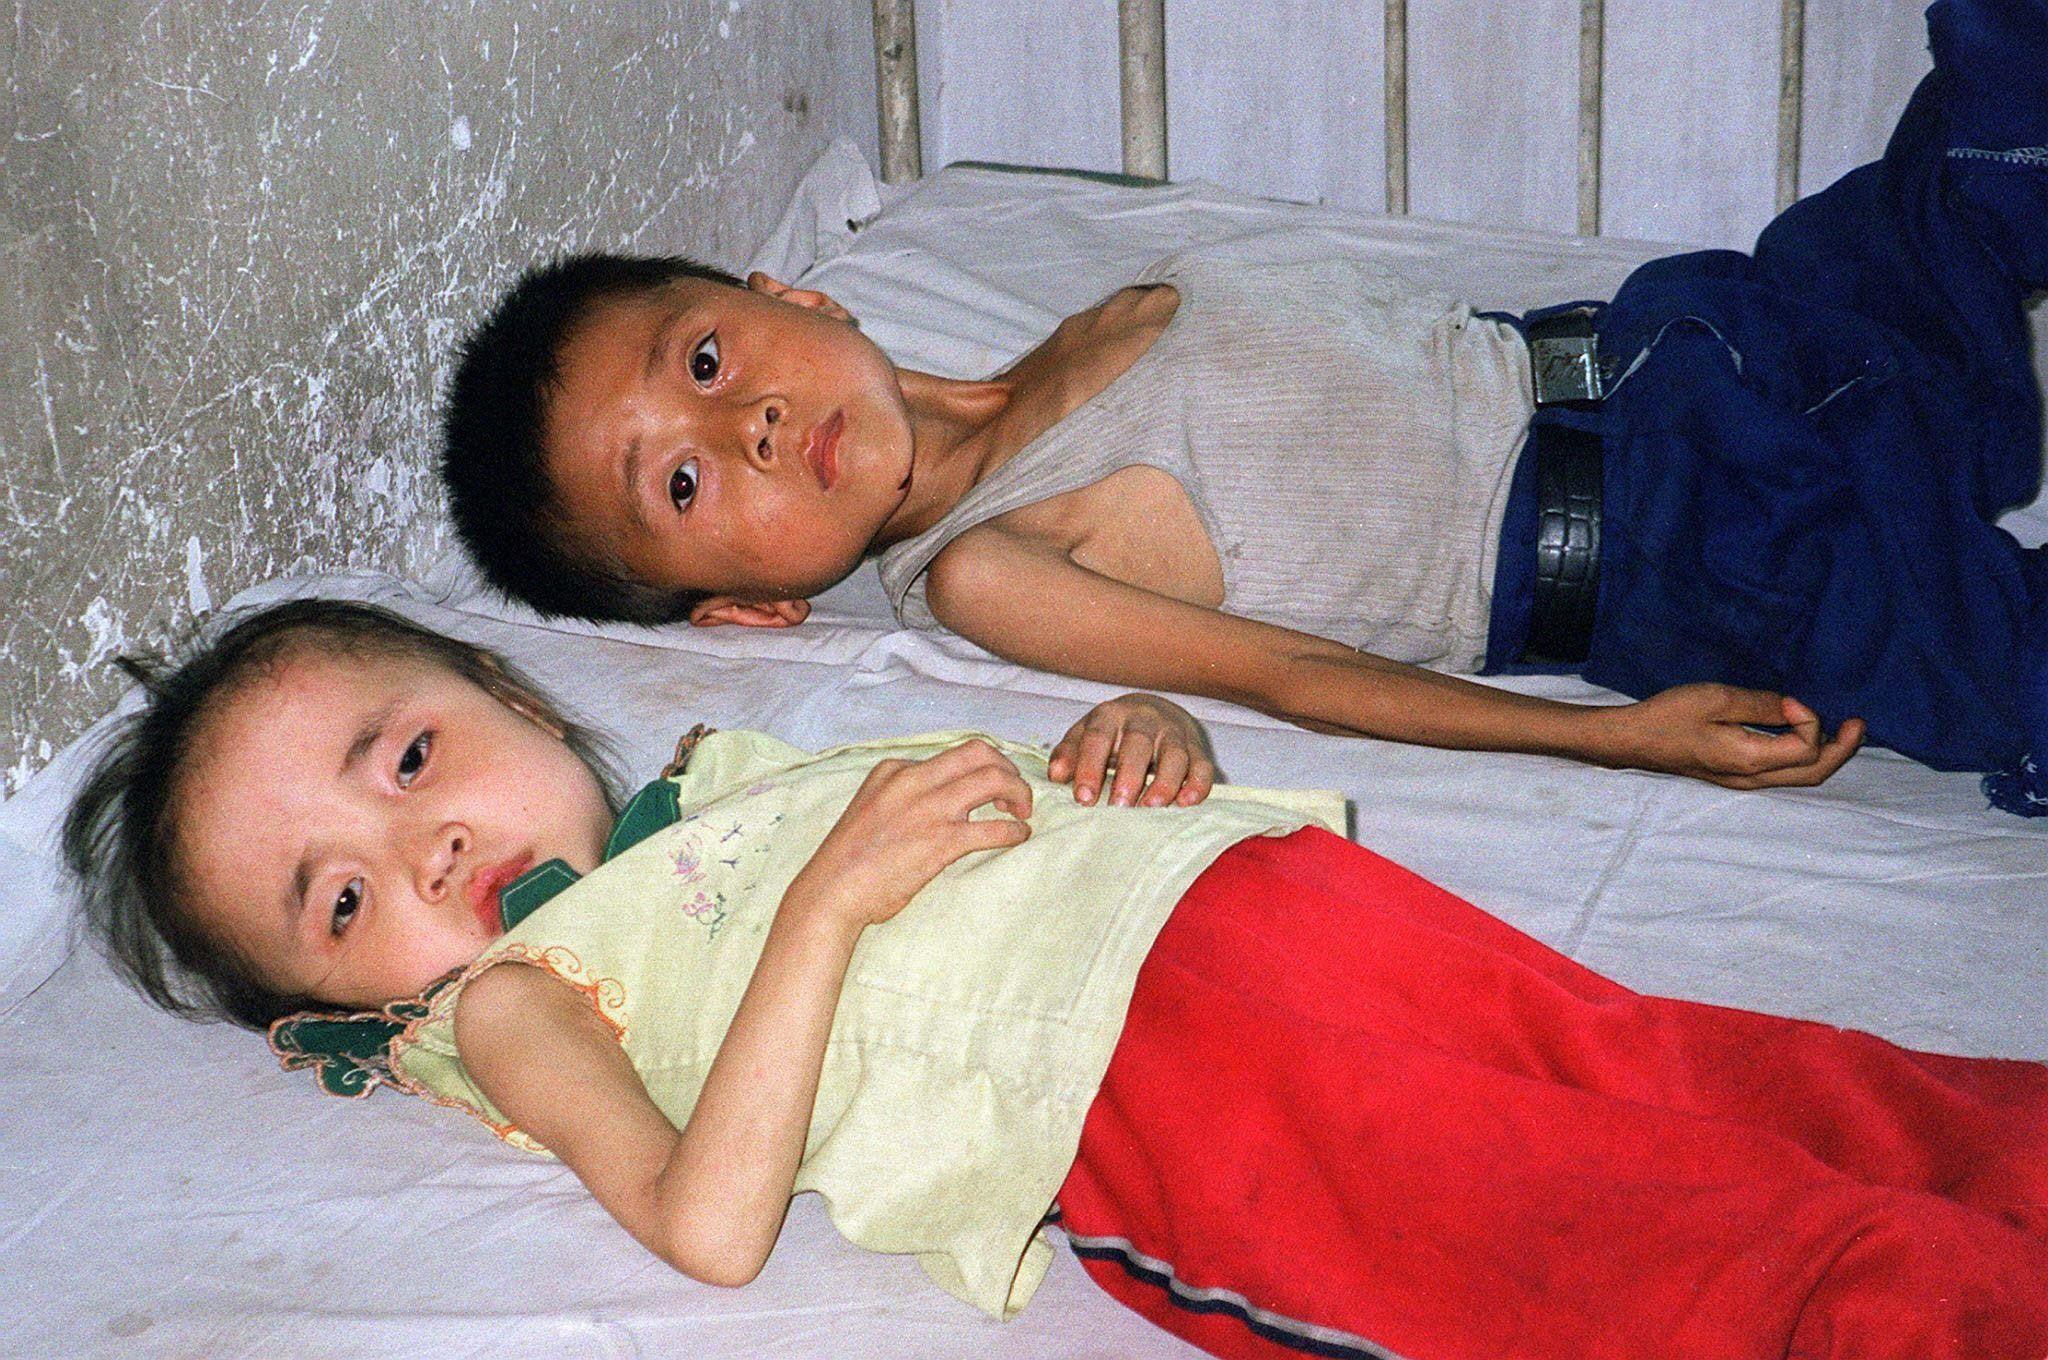 Pour la 1ére fois en 10 ans, la proportion de personnes mal-nourries dans le monde augmente et voilà pourquoi les scénarios pour les années à venir sont sombres